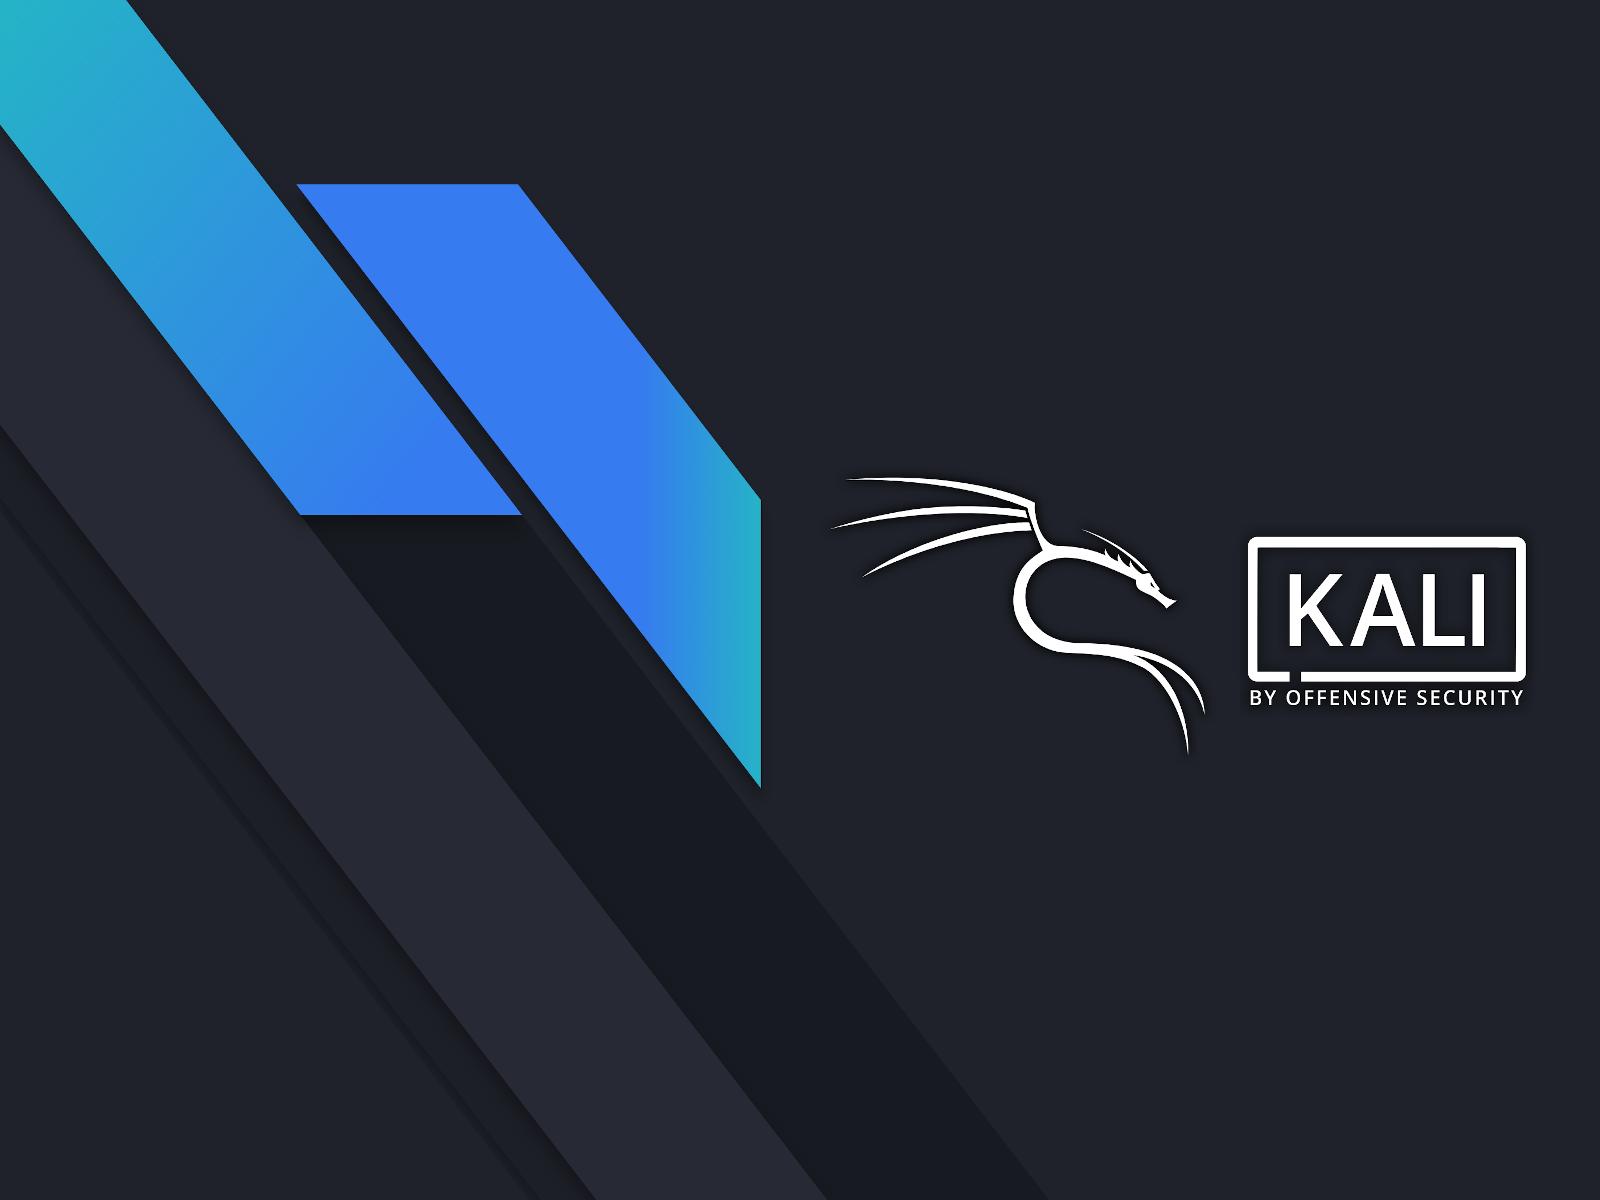 Papel de parede do Kali Linux